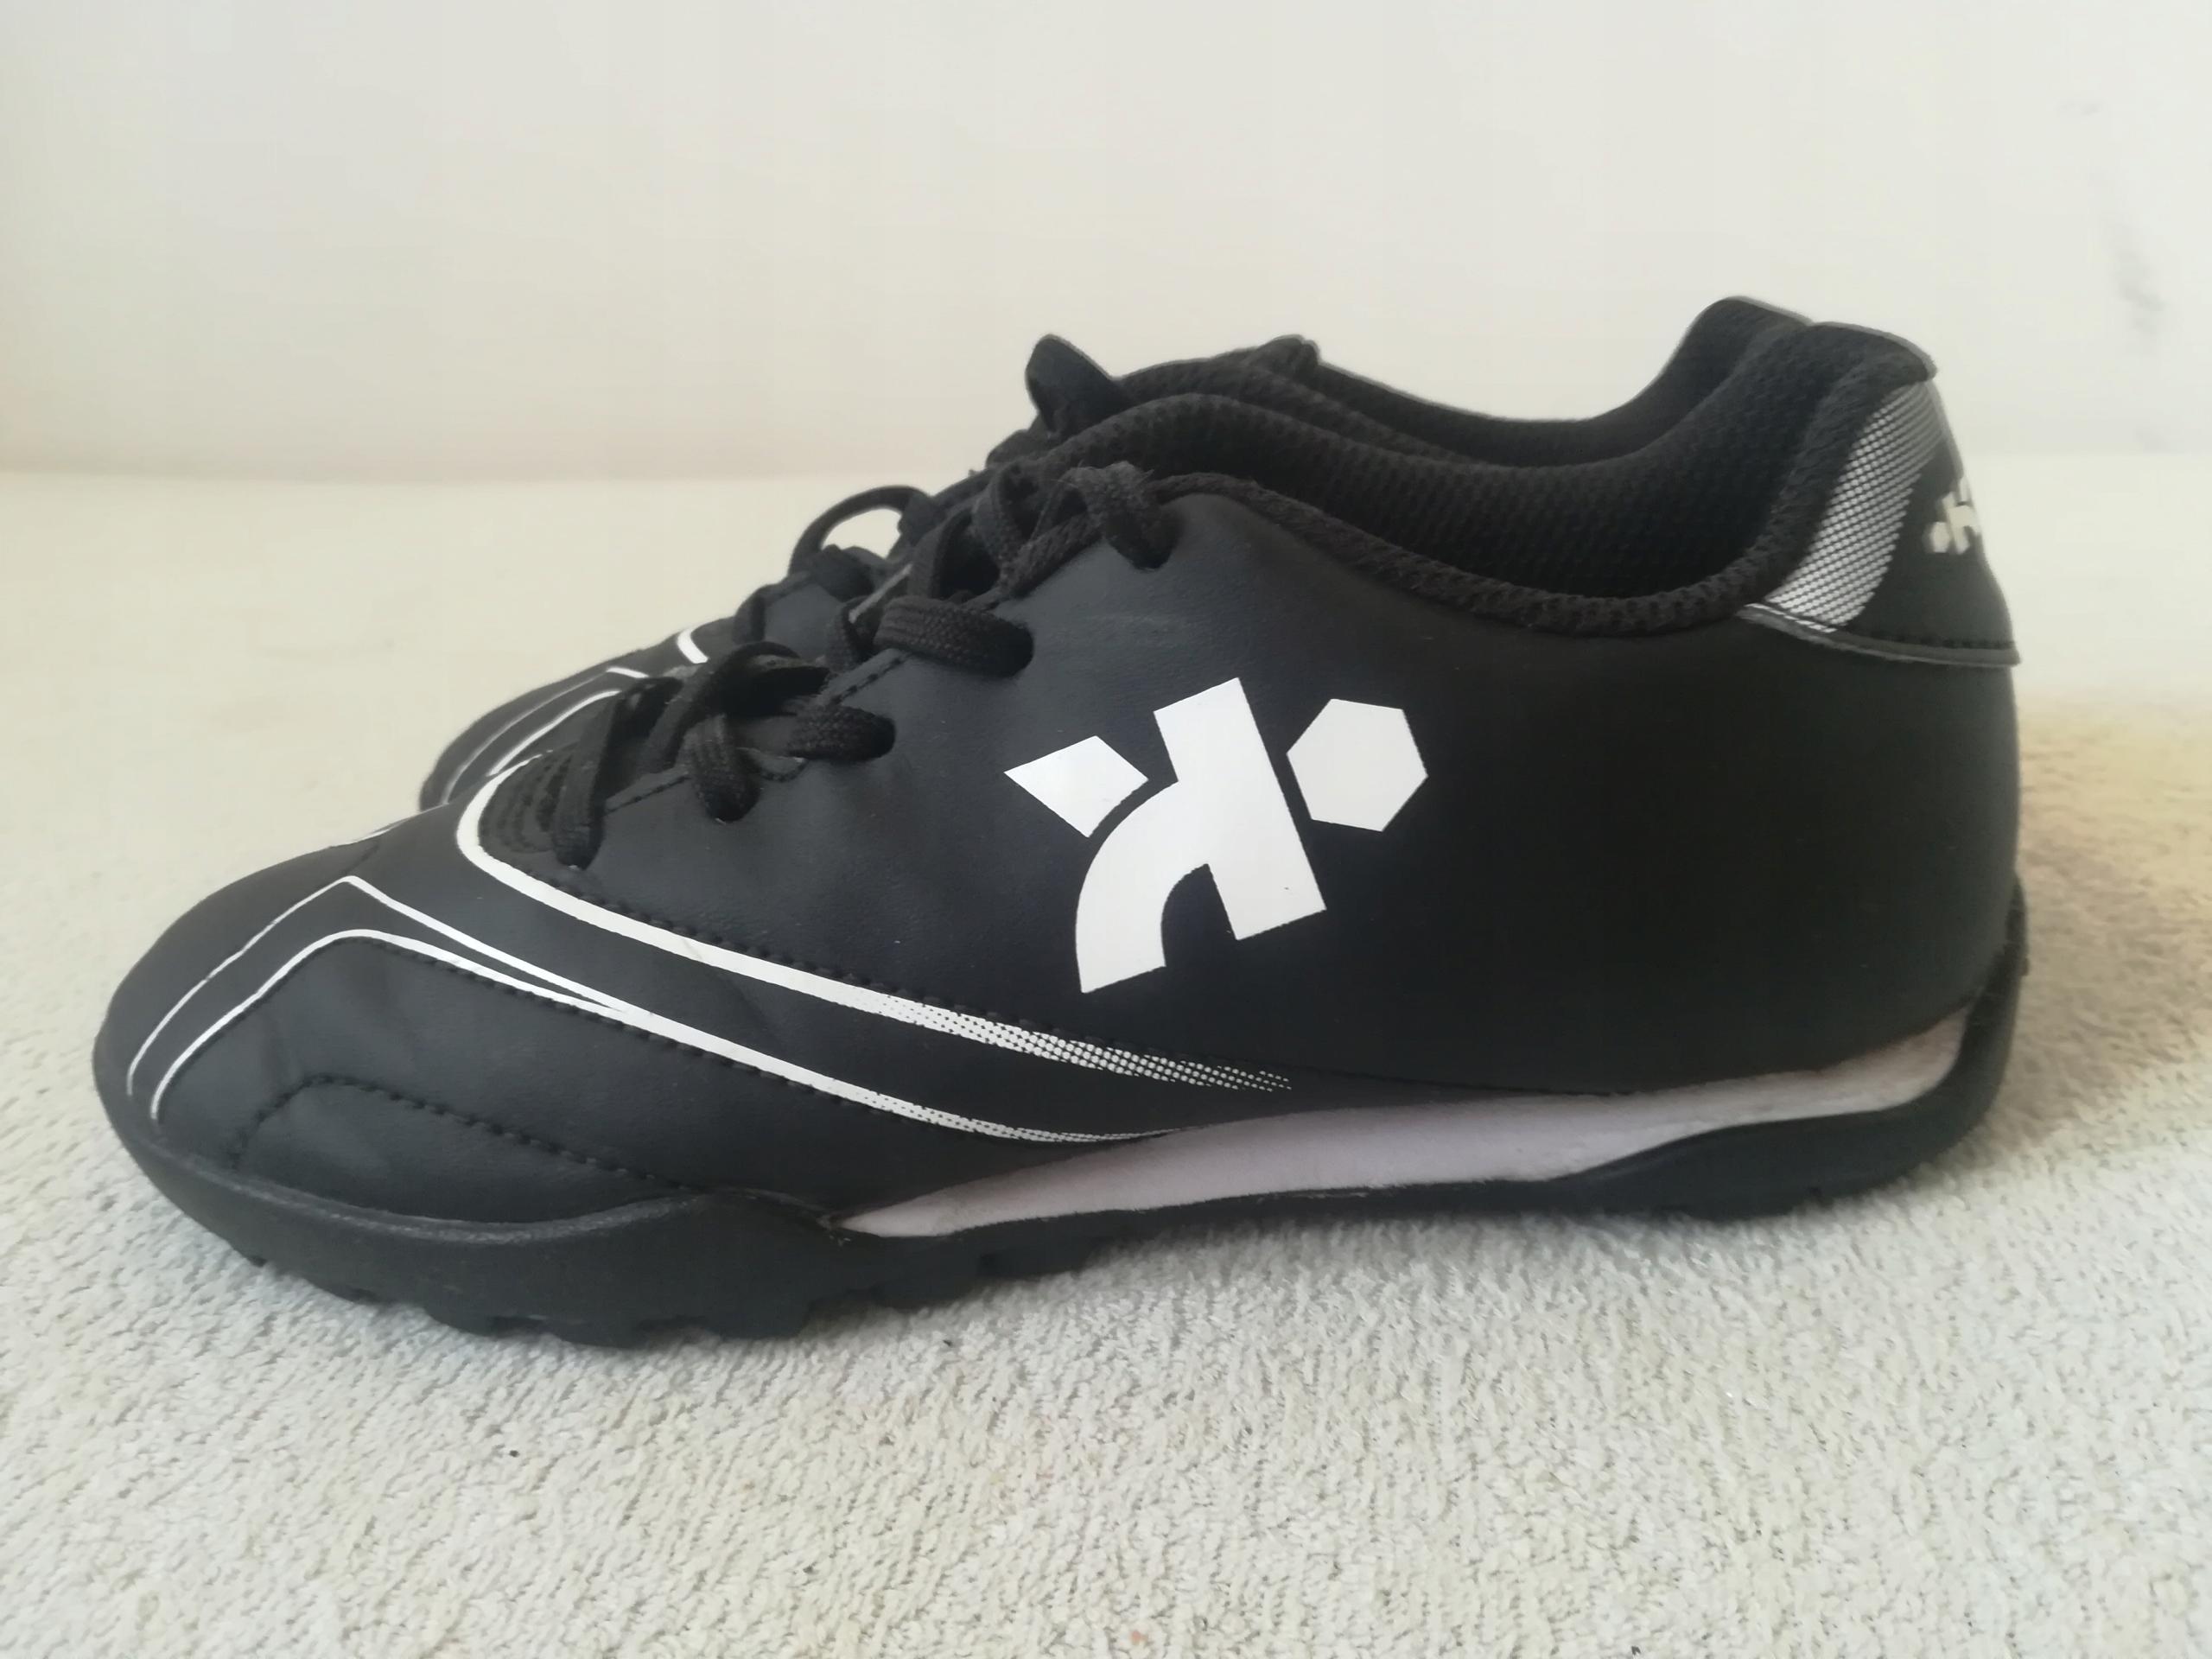 Adidasy do gry w piłkę nożną Kipsta rozm.31